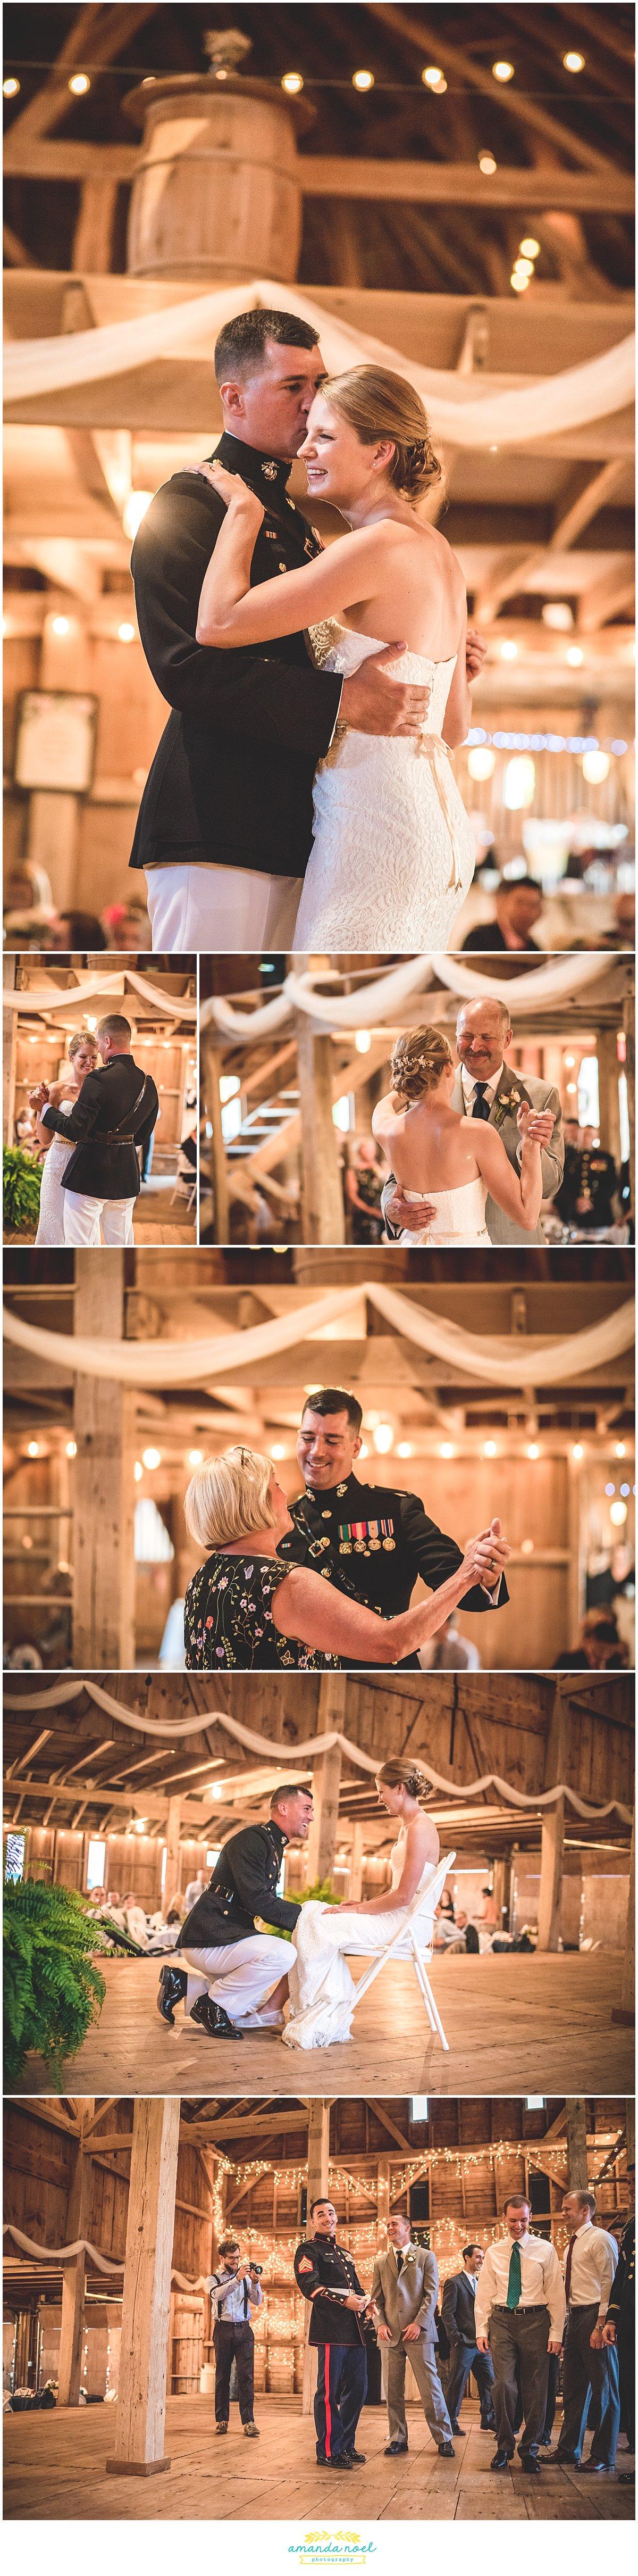 first dance in barn